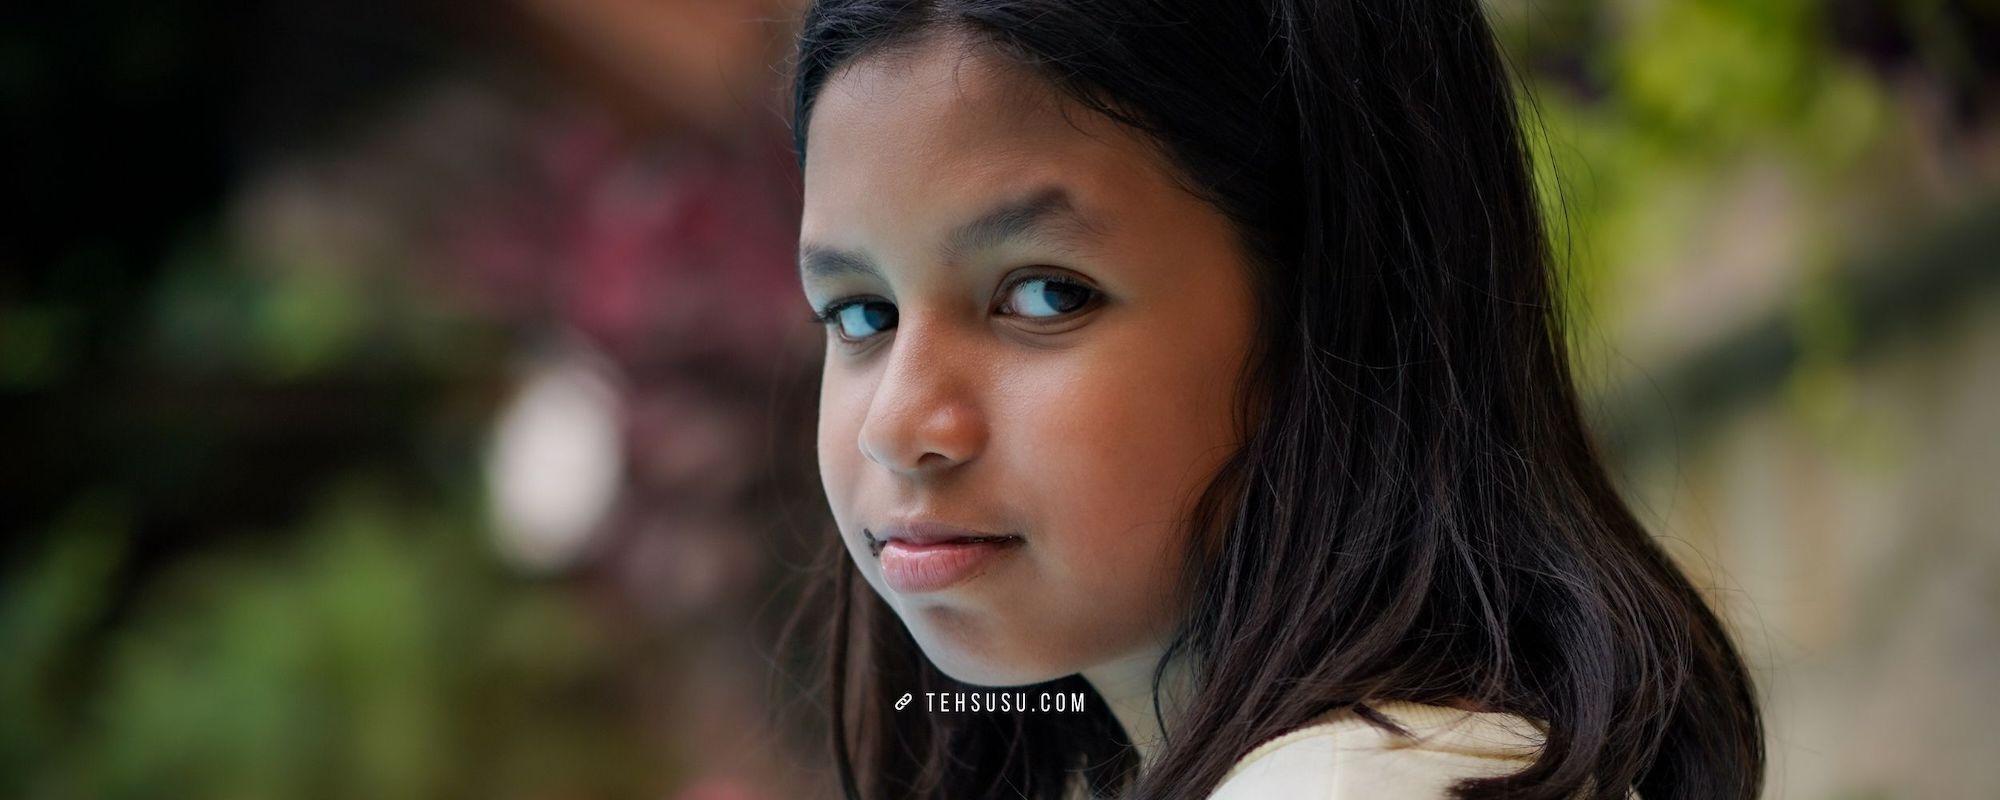 Ada Pesan Manis Nih, Untuk Putriku Vay yang Sudah Berusia 13 Tahun